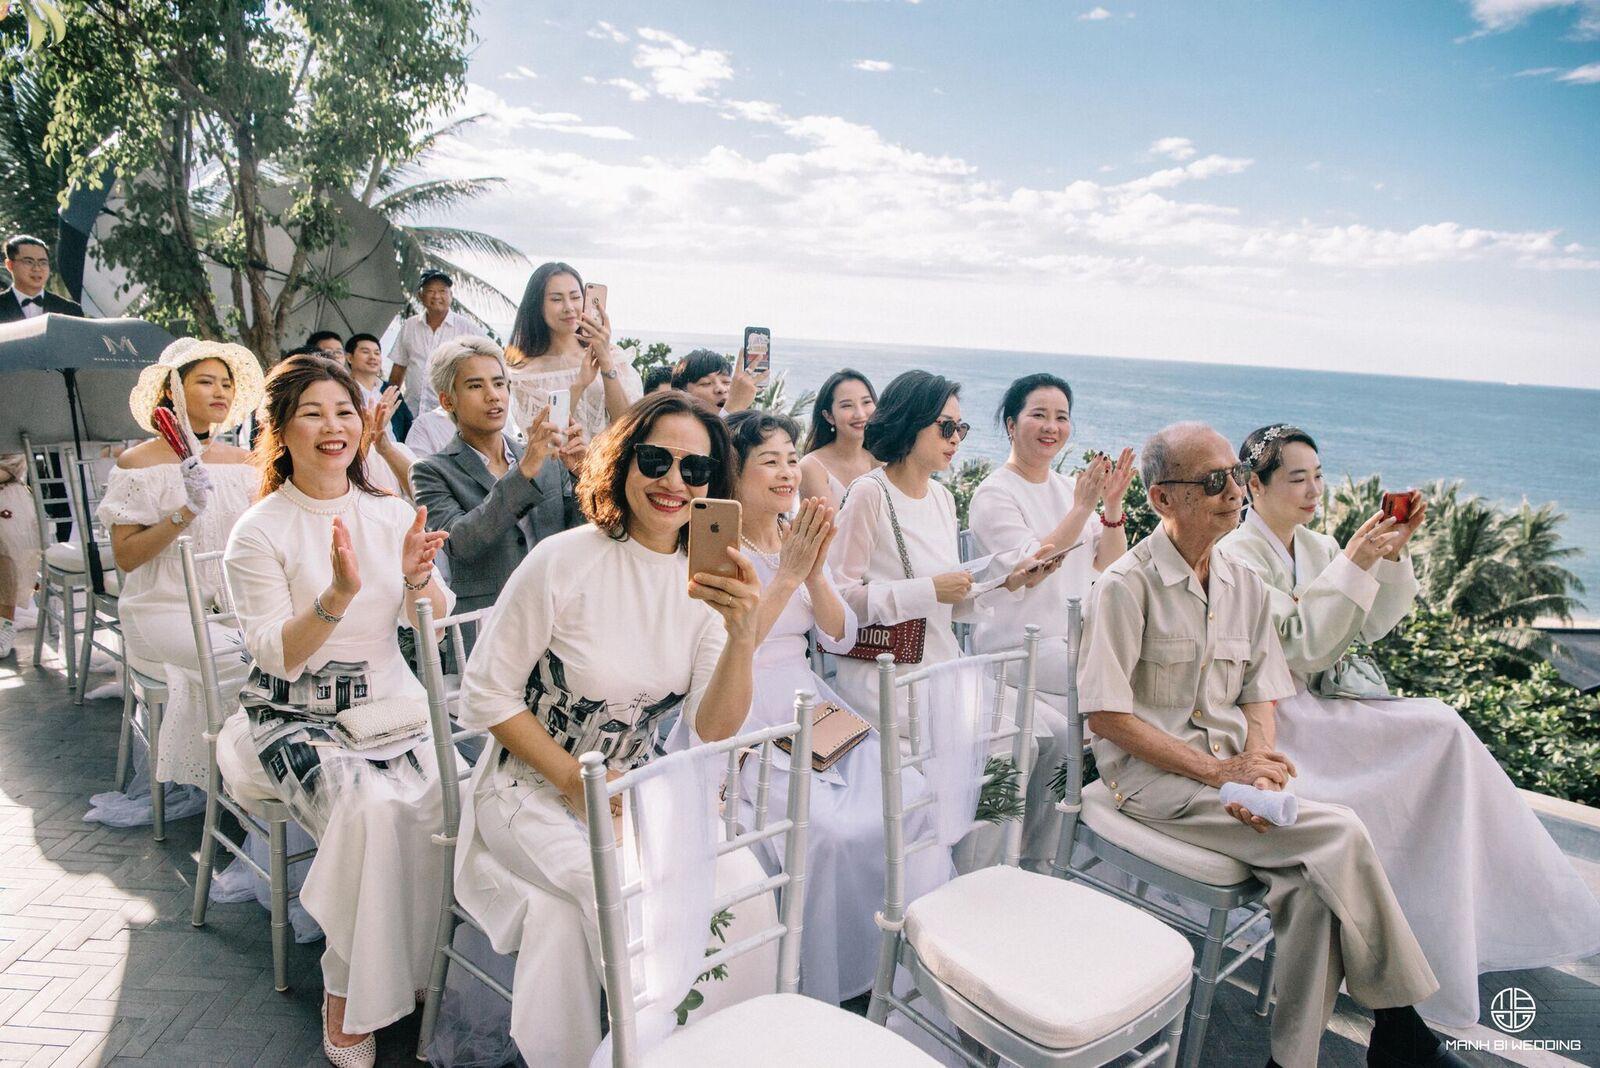 Nhà văn Gào chia sẻ nhiều thông tin thú vị về đám cưới như mơ ngay sau tiệc cưới hoành tráng trên bờ biển - Ảnh 10.